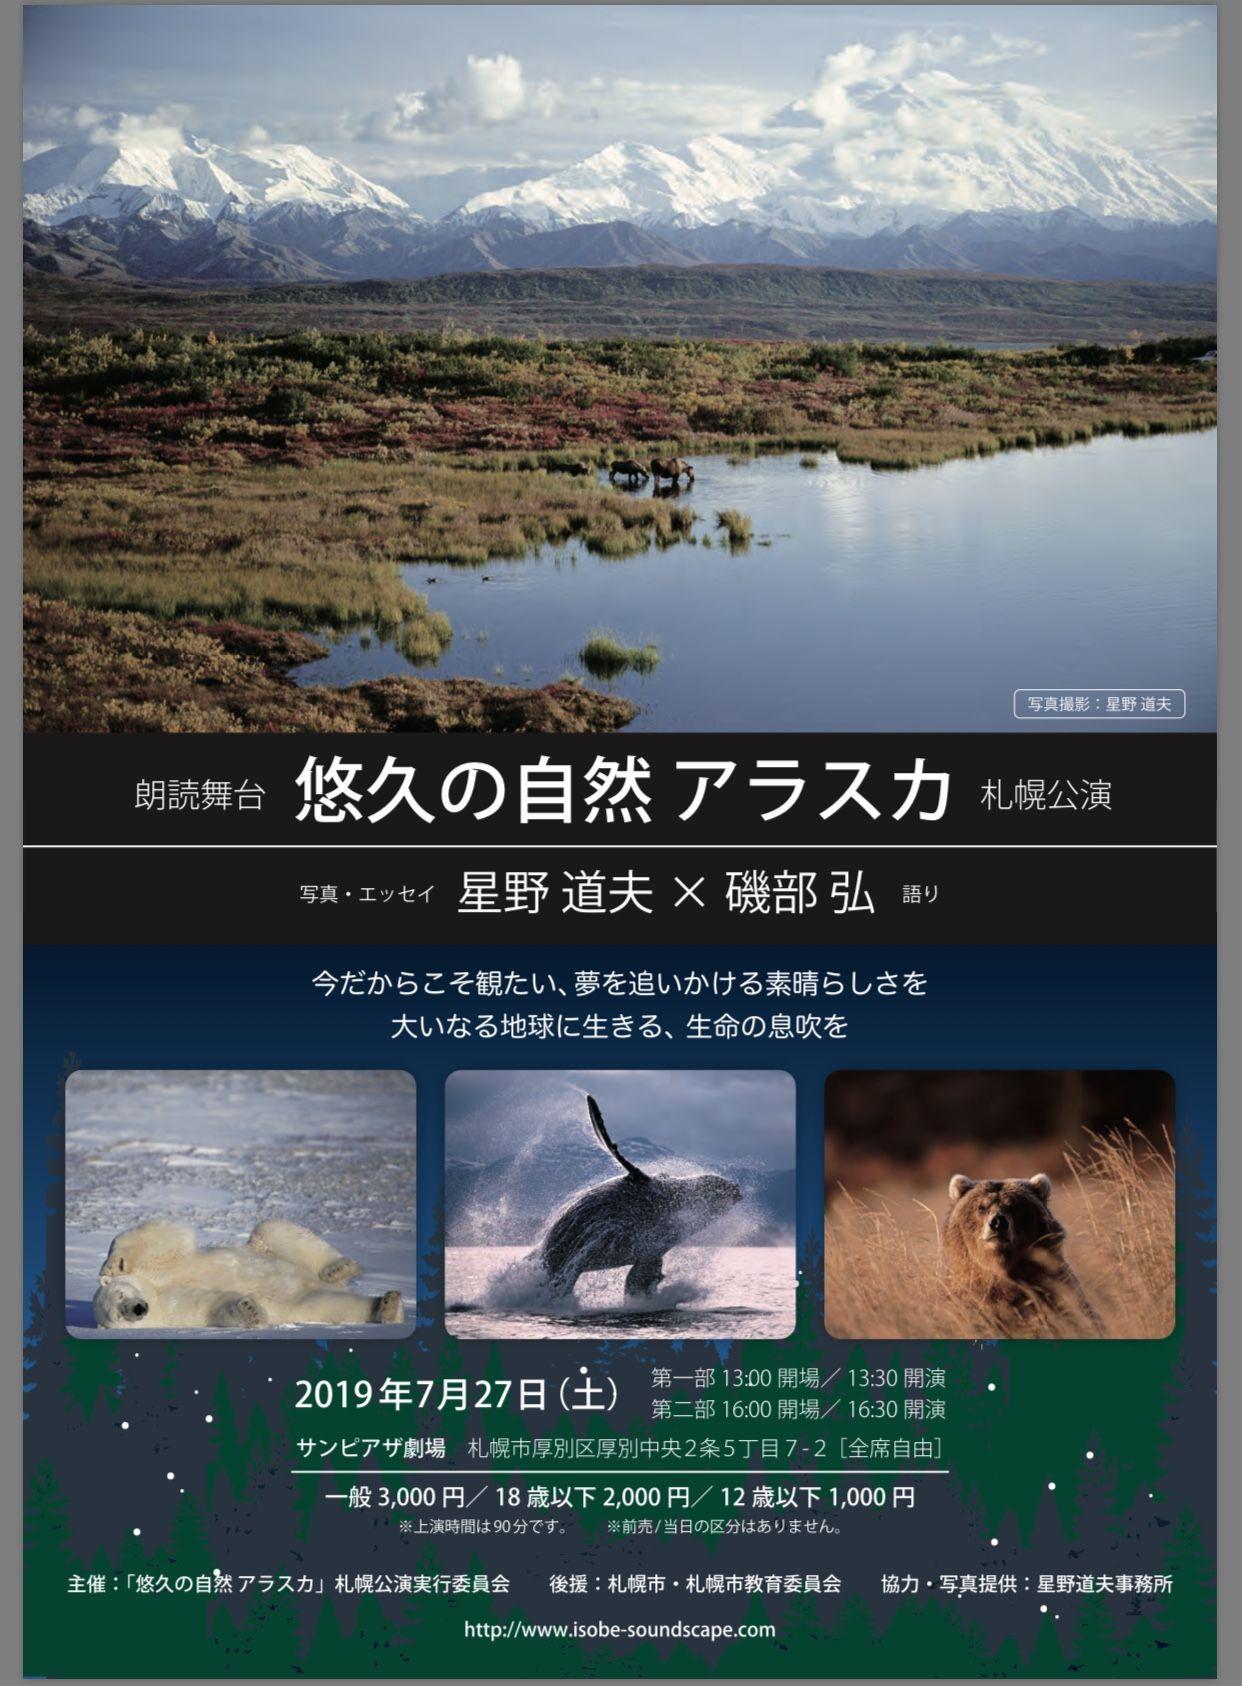 朗読舞台『悠久の自然 アラスカ』 イメージ画像